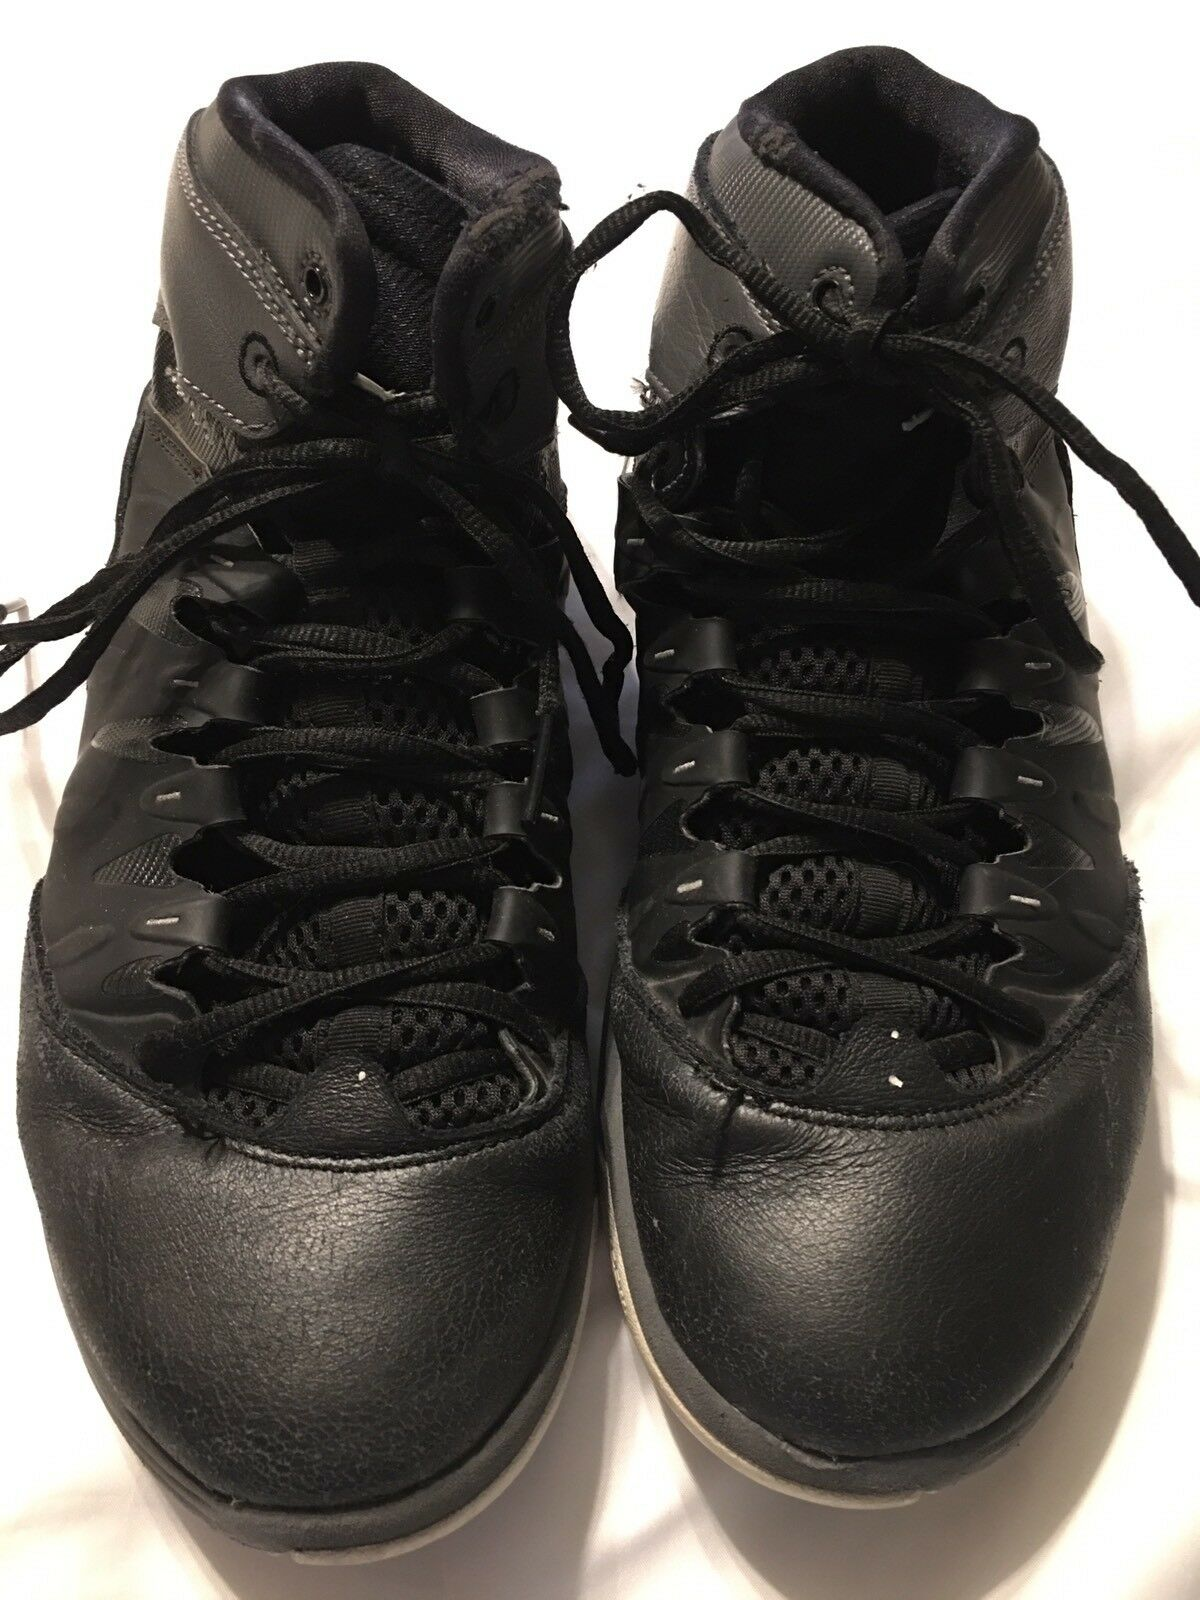 Nike Zoom Air Jordan Retro Black sz 10.5 No 104314443 Reduced